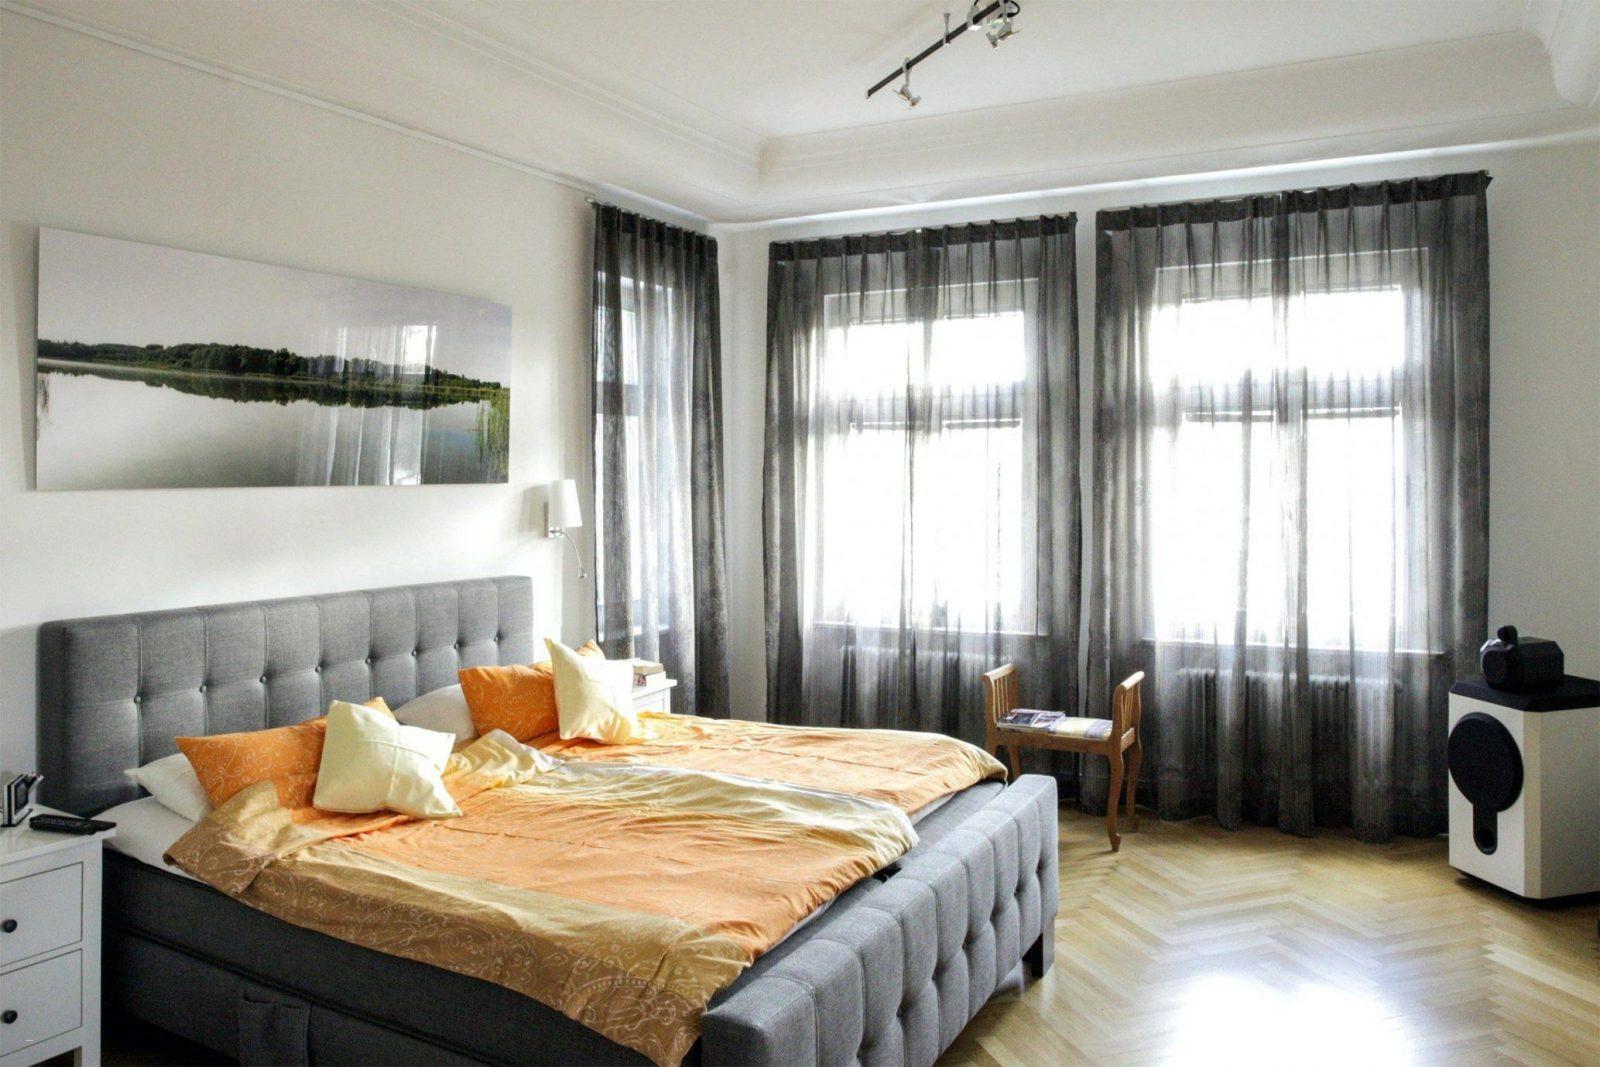 Wohnideen  Gardine Schlafzimmer Mit Luxus Frisch Gardinen von Gardinen Schlafzimmer Wohnideen Photo